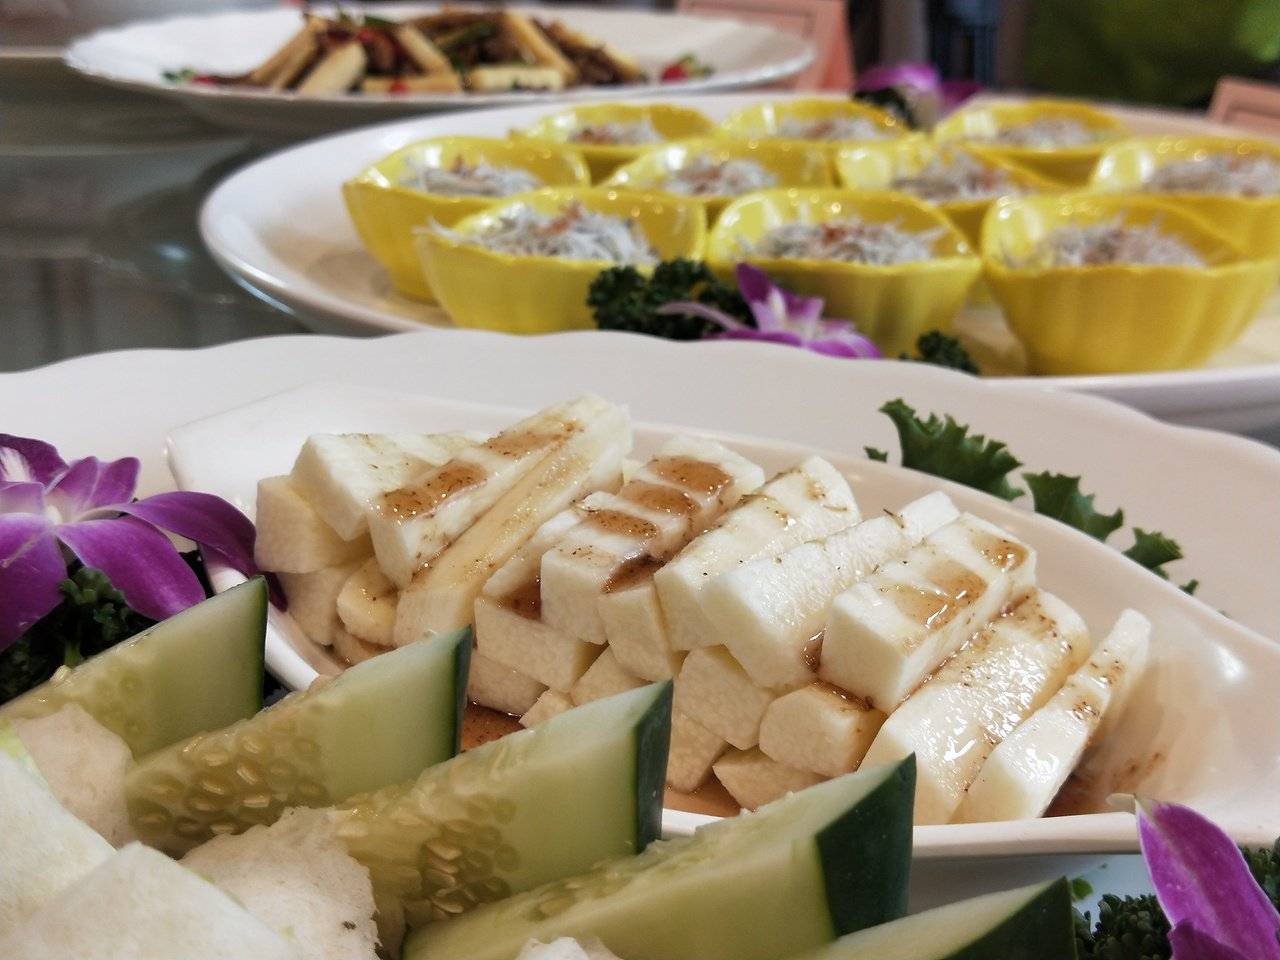 基隆市山藥大餐將在14日晚間在基隆港海產樓登場,席開100桌。記者游明煌/攝影